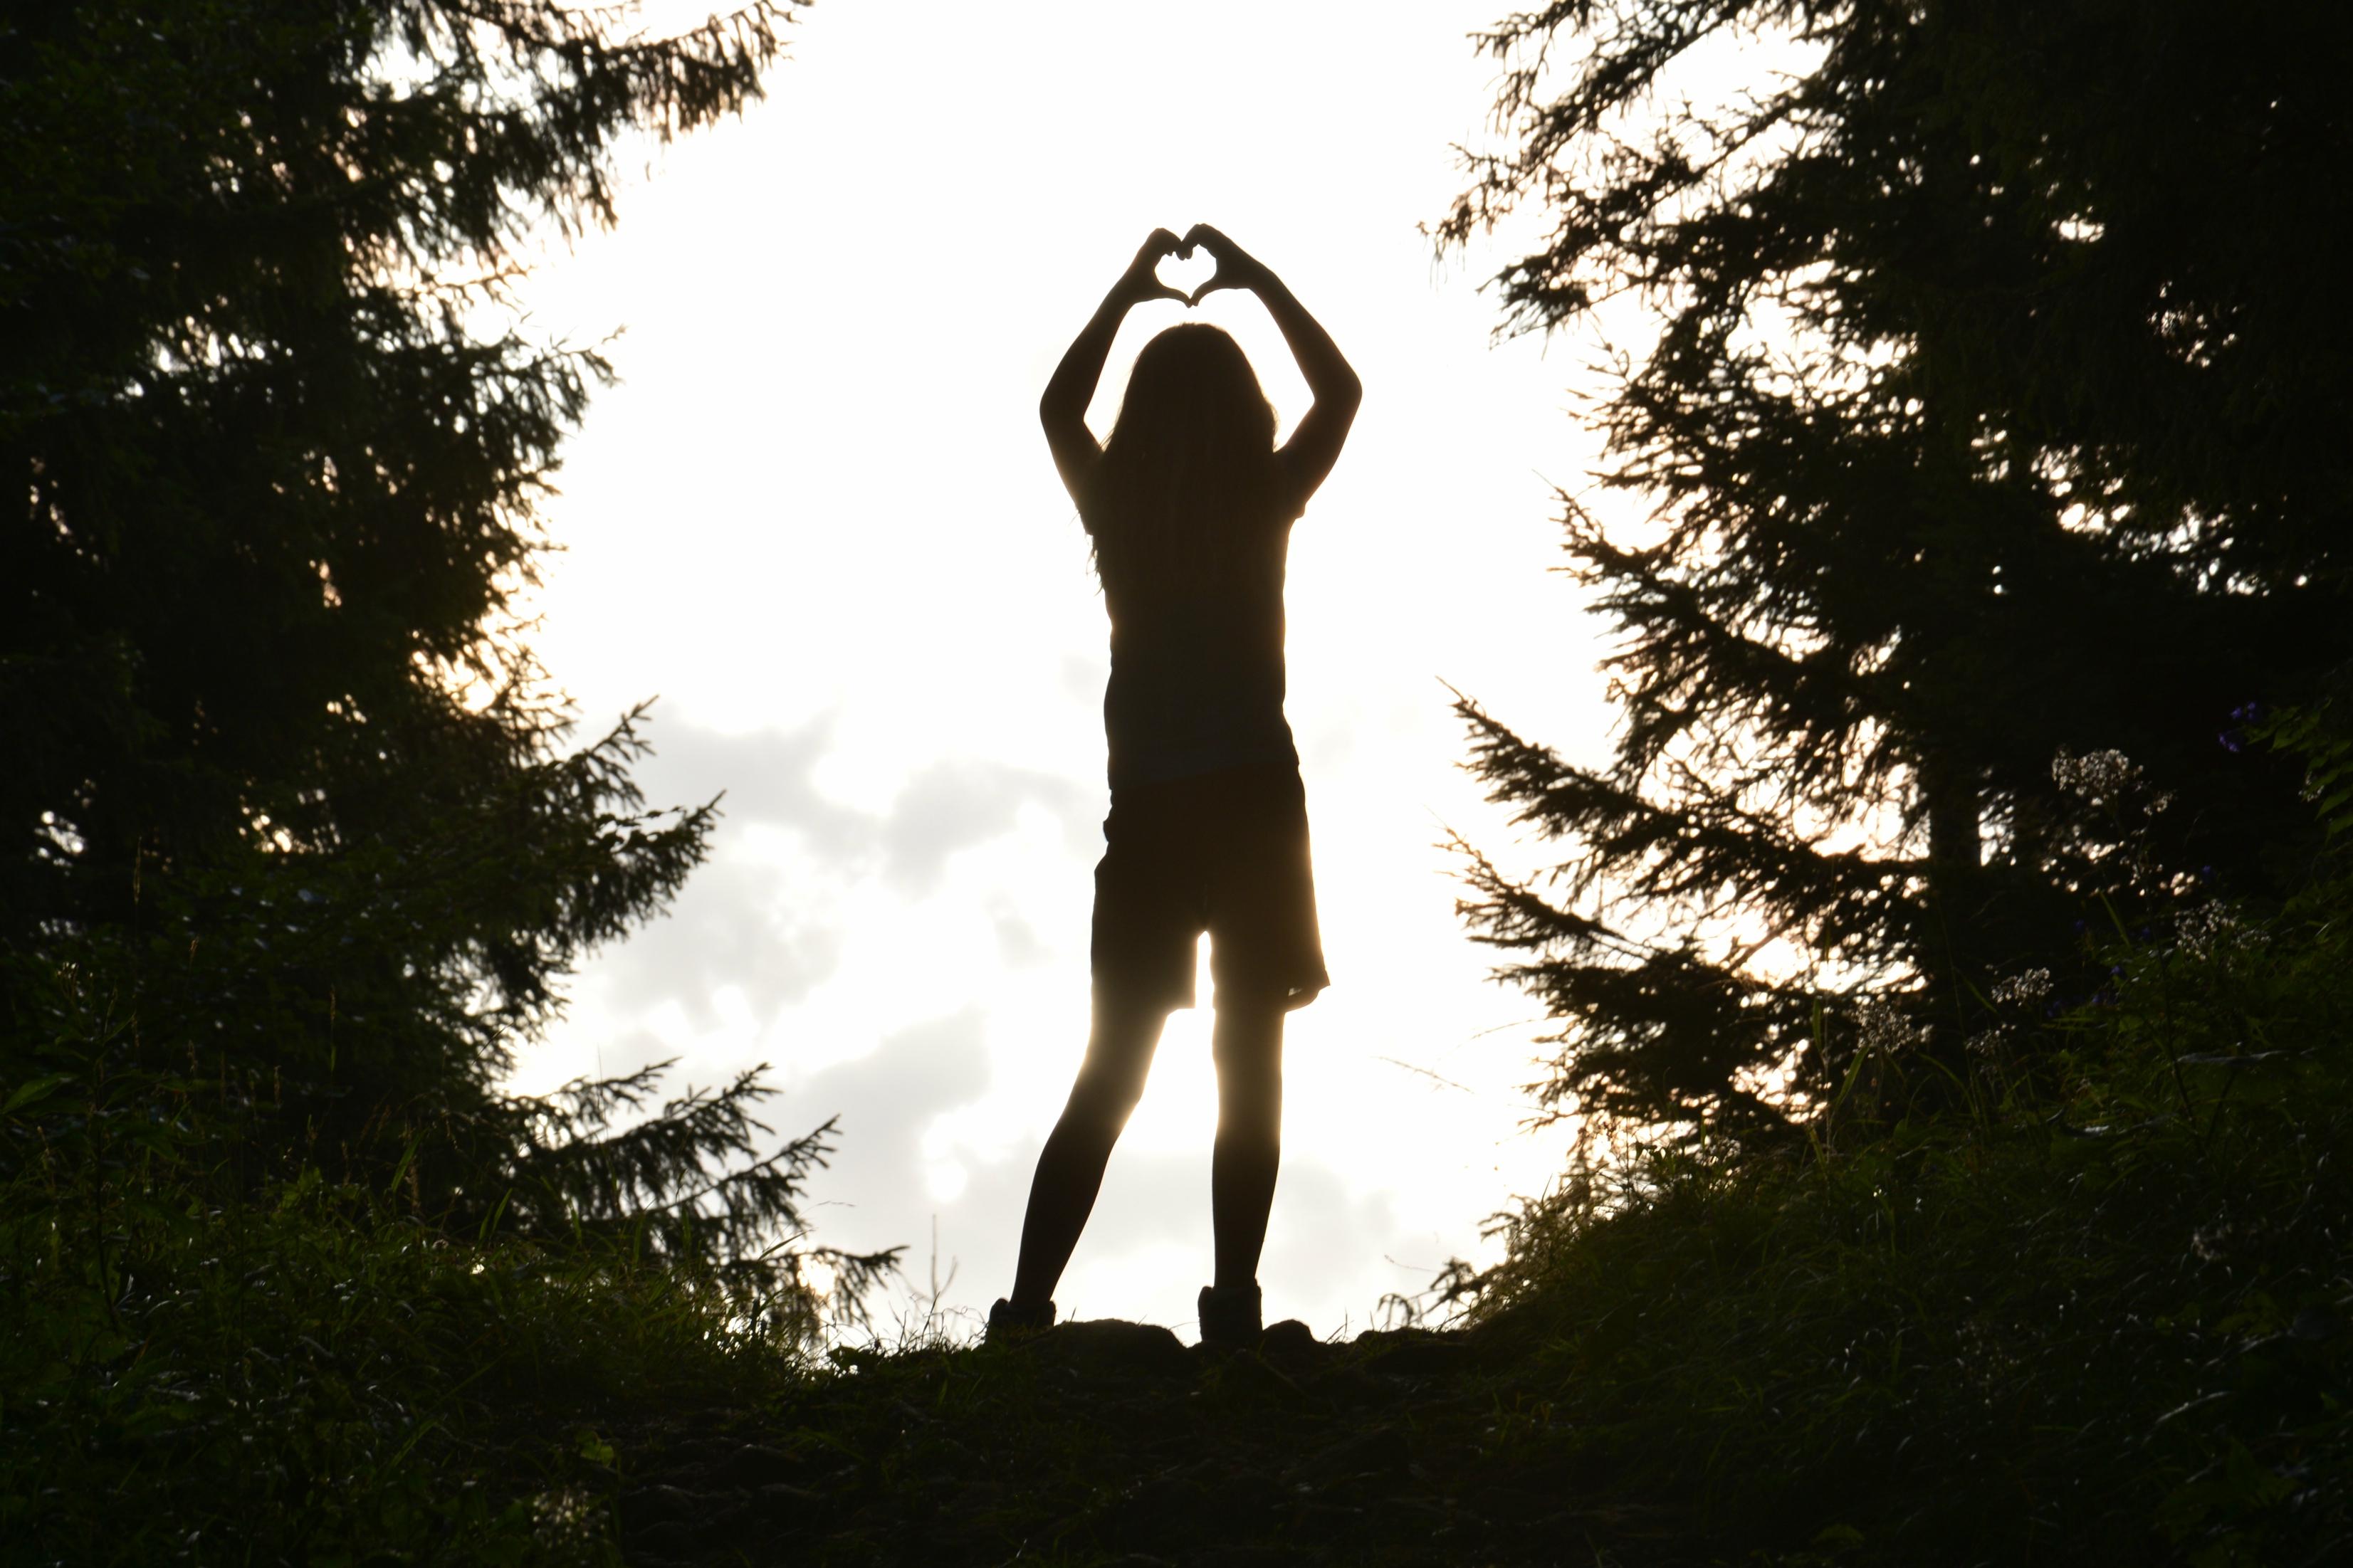 A0204 Schattenherz im Wald.jpg